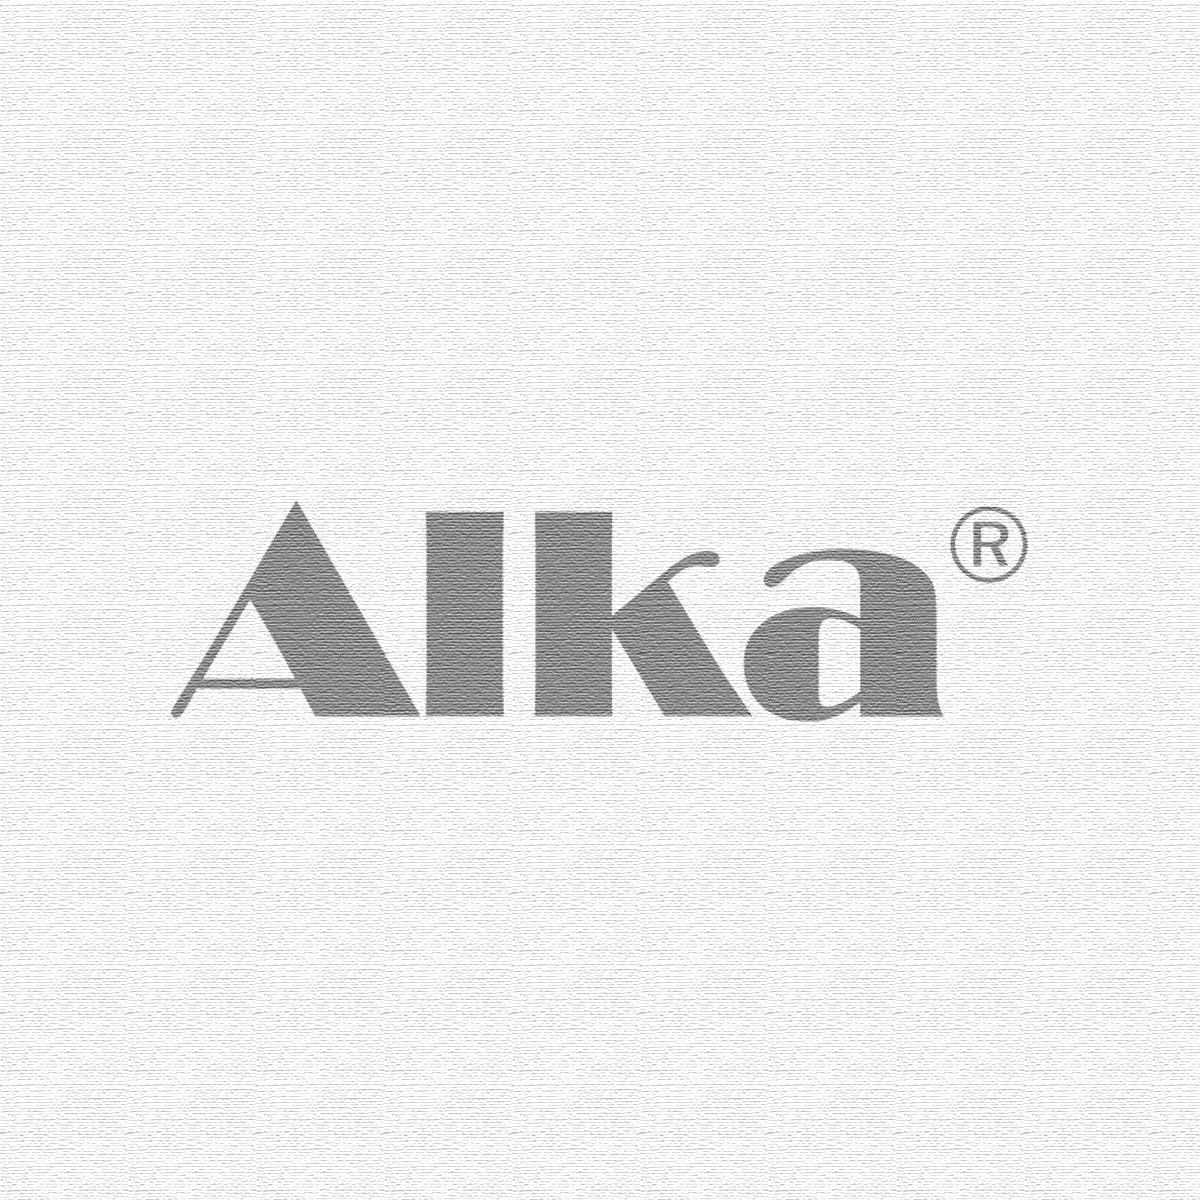 Alka® Starterspakket Calcium - NL - Alka